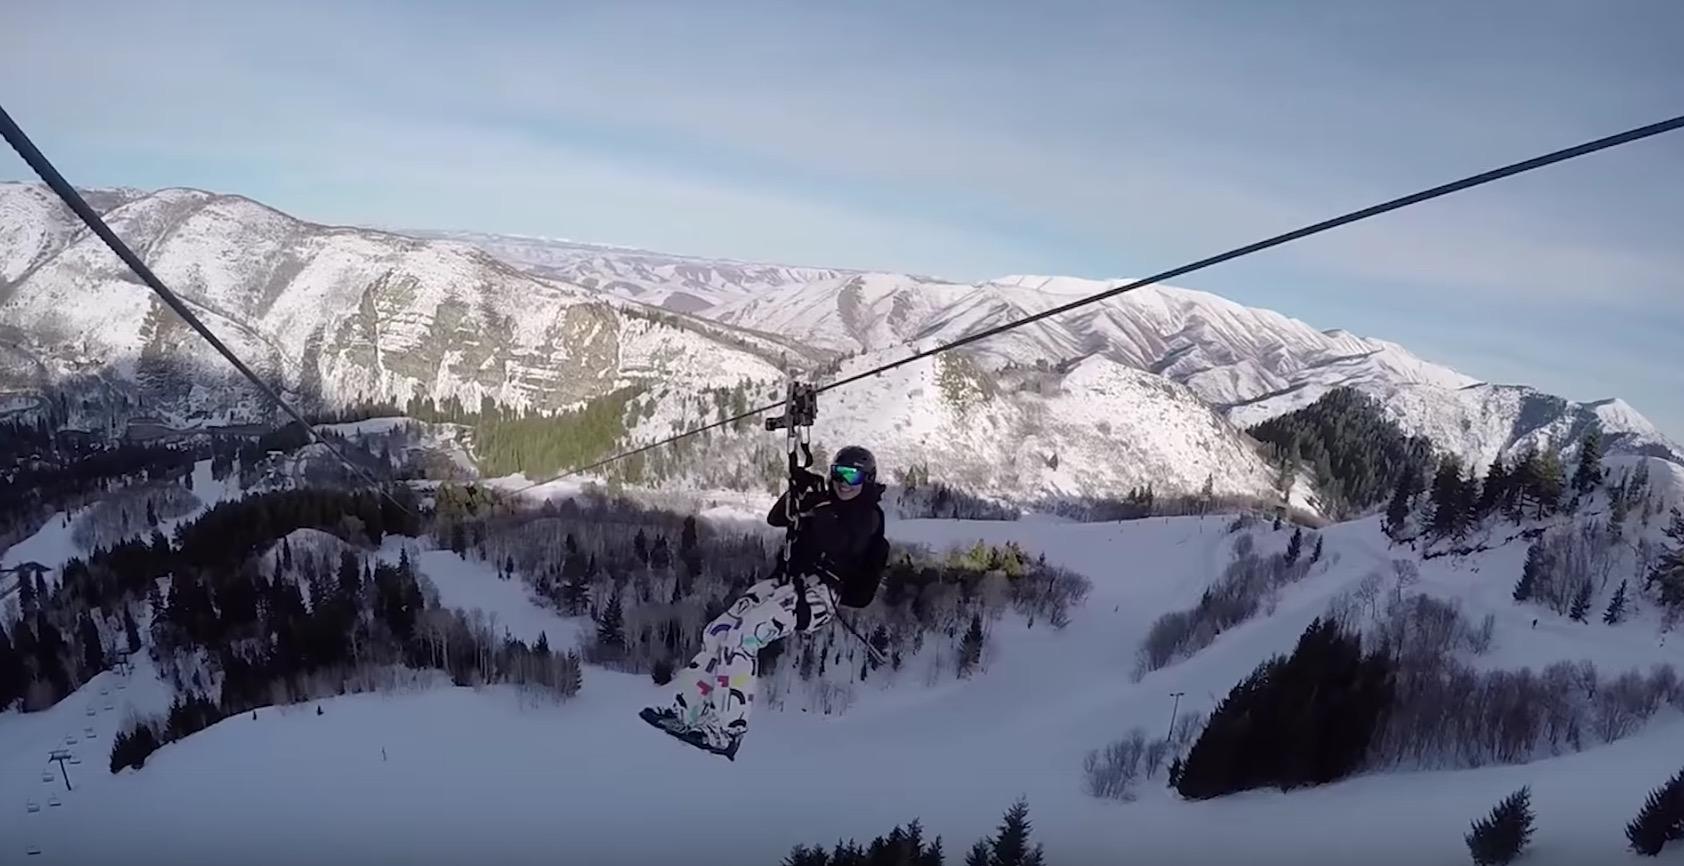 Utah ski resorts announce new amenities for 2016-2017 season